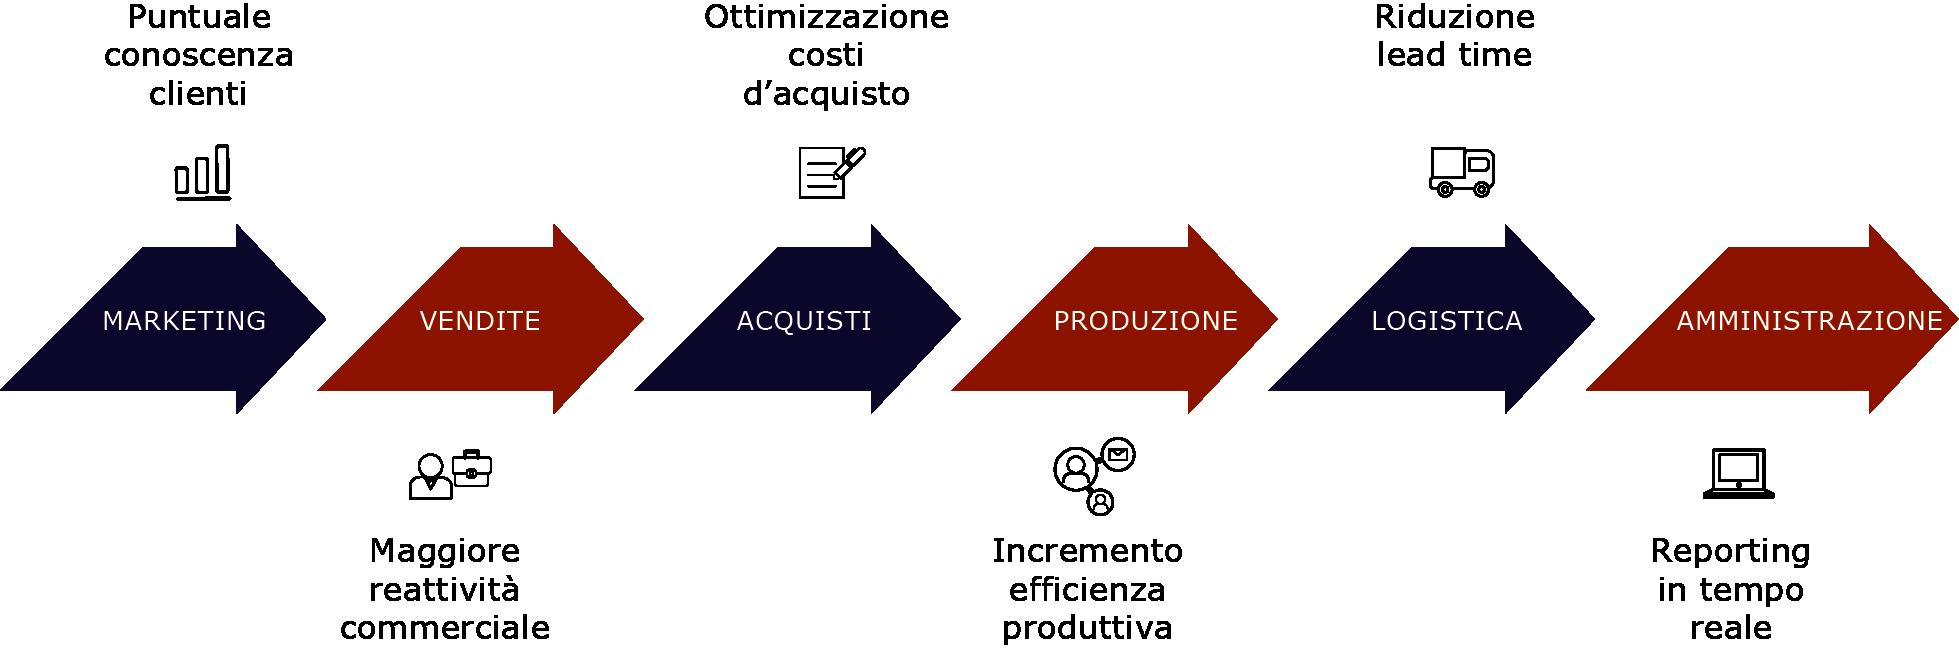 Schema di valore progetto business intelligence